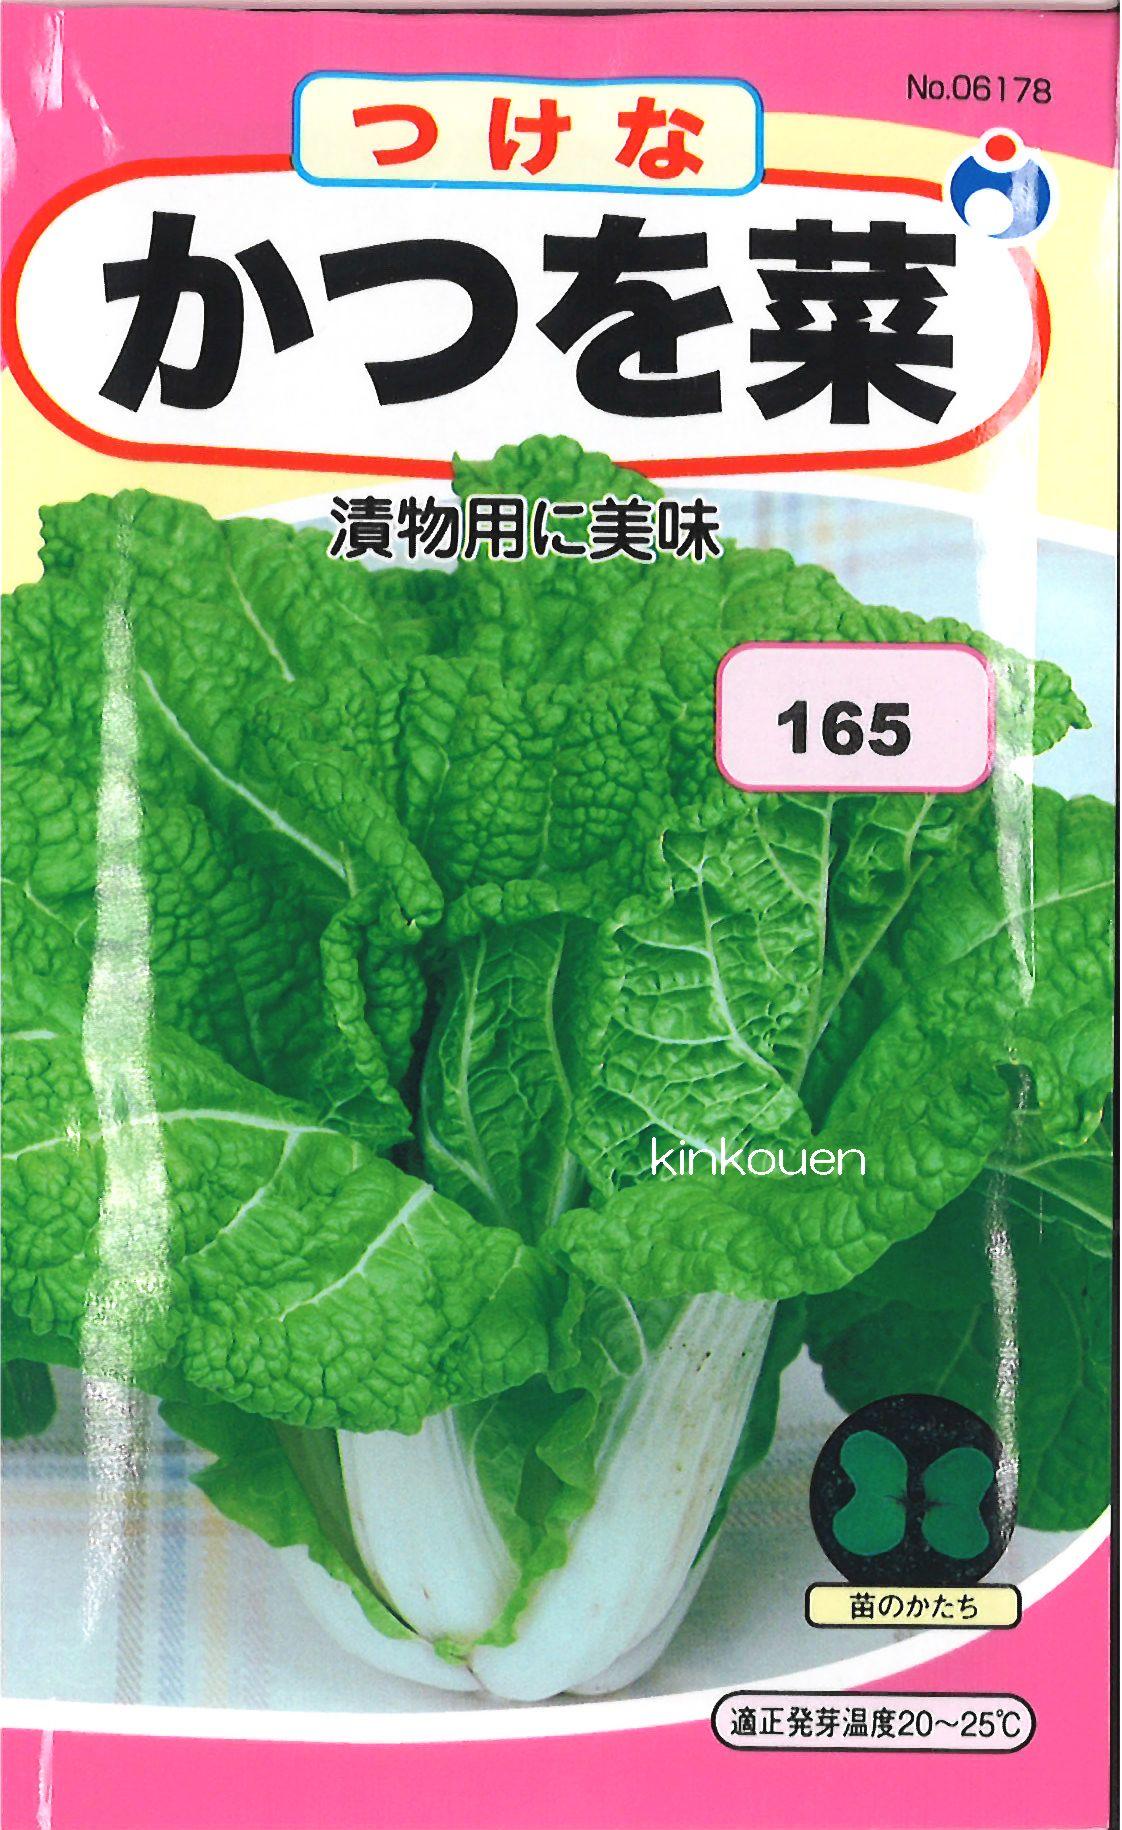 【代引不可】【5袋まで送料80円】□かつを菜